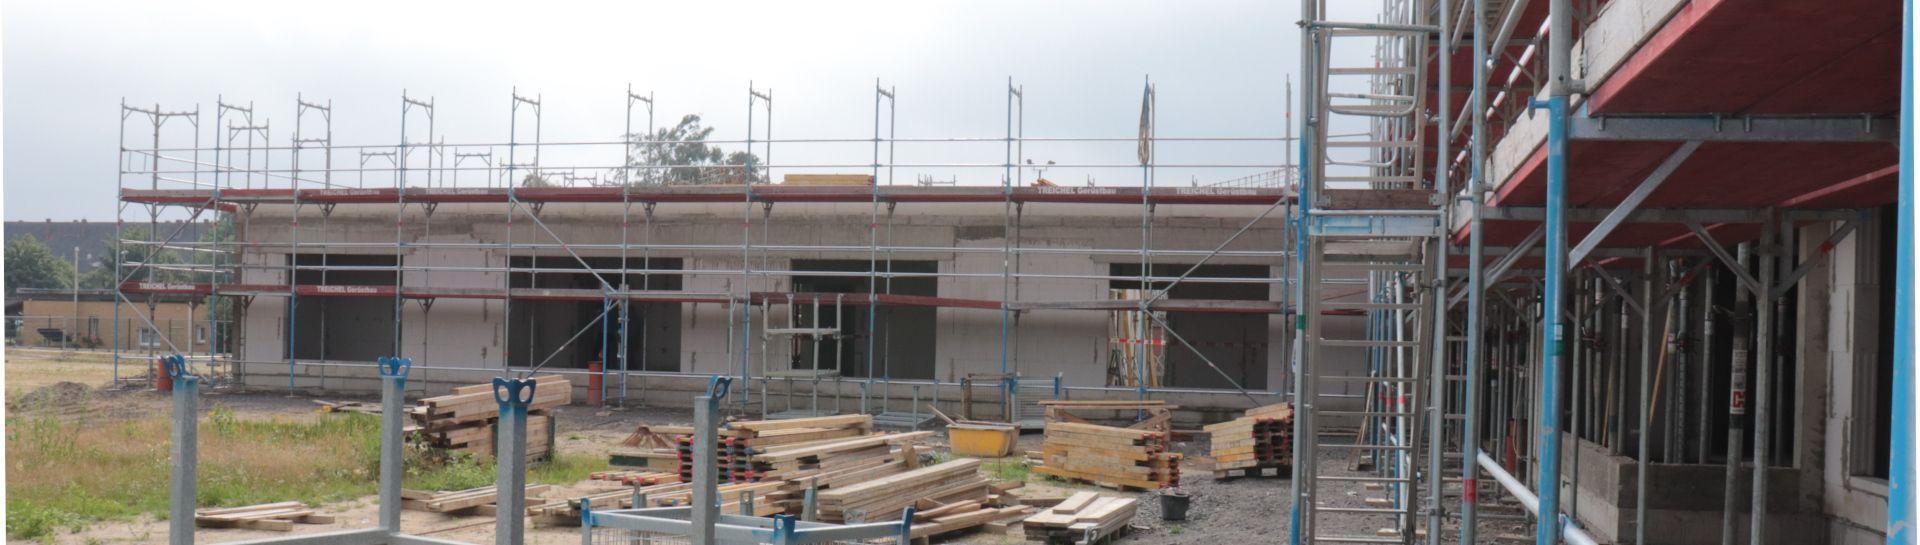 Blick auf die Baustelle der Kita im Europaquartier in Quakenbrueck